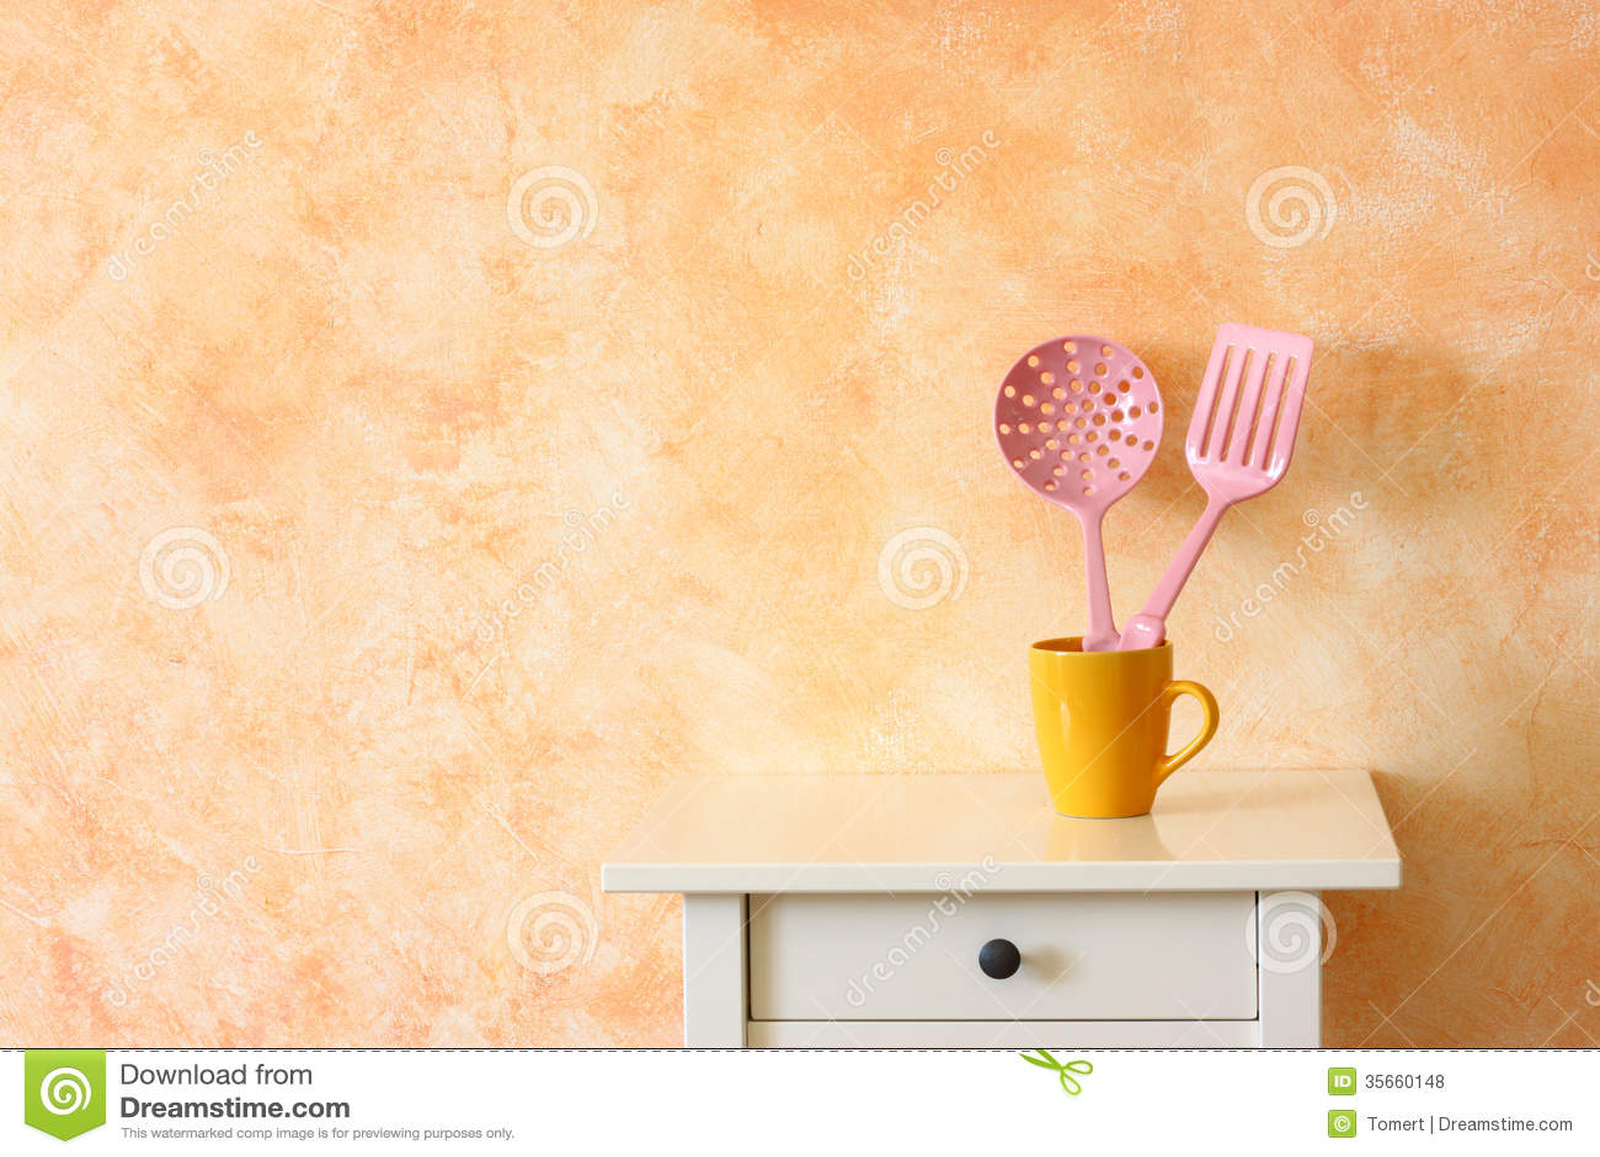 da cucina della cucina. spatole in tazza gialla contro la parete ...